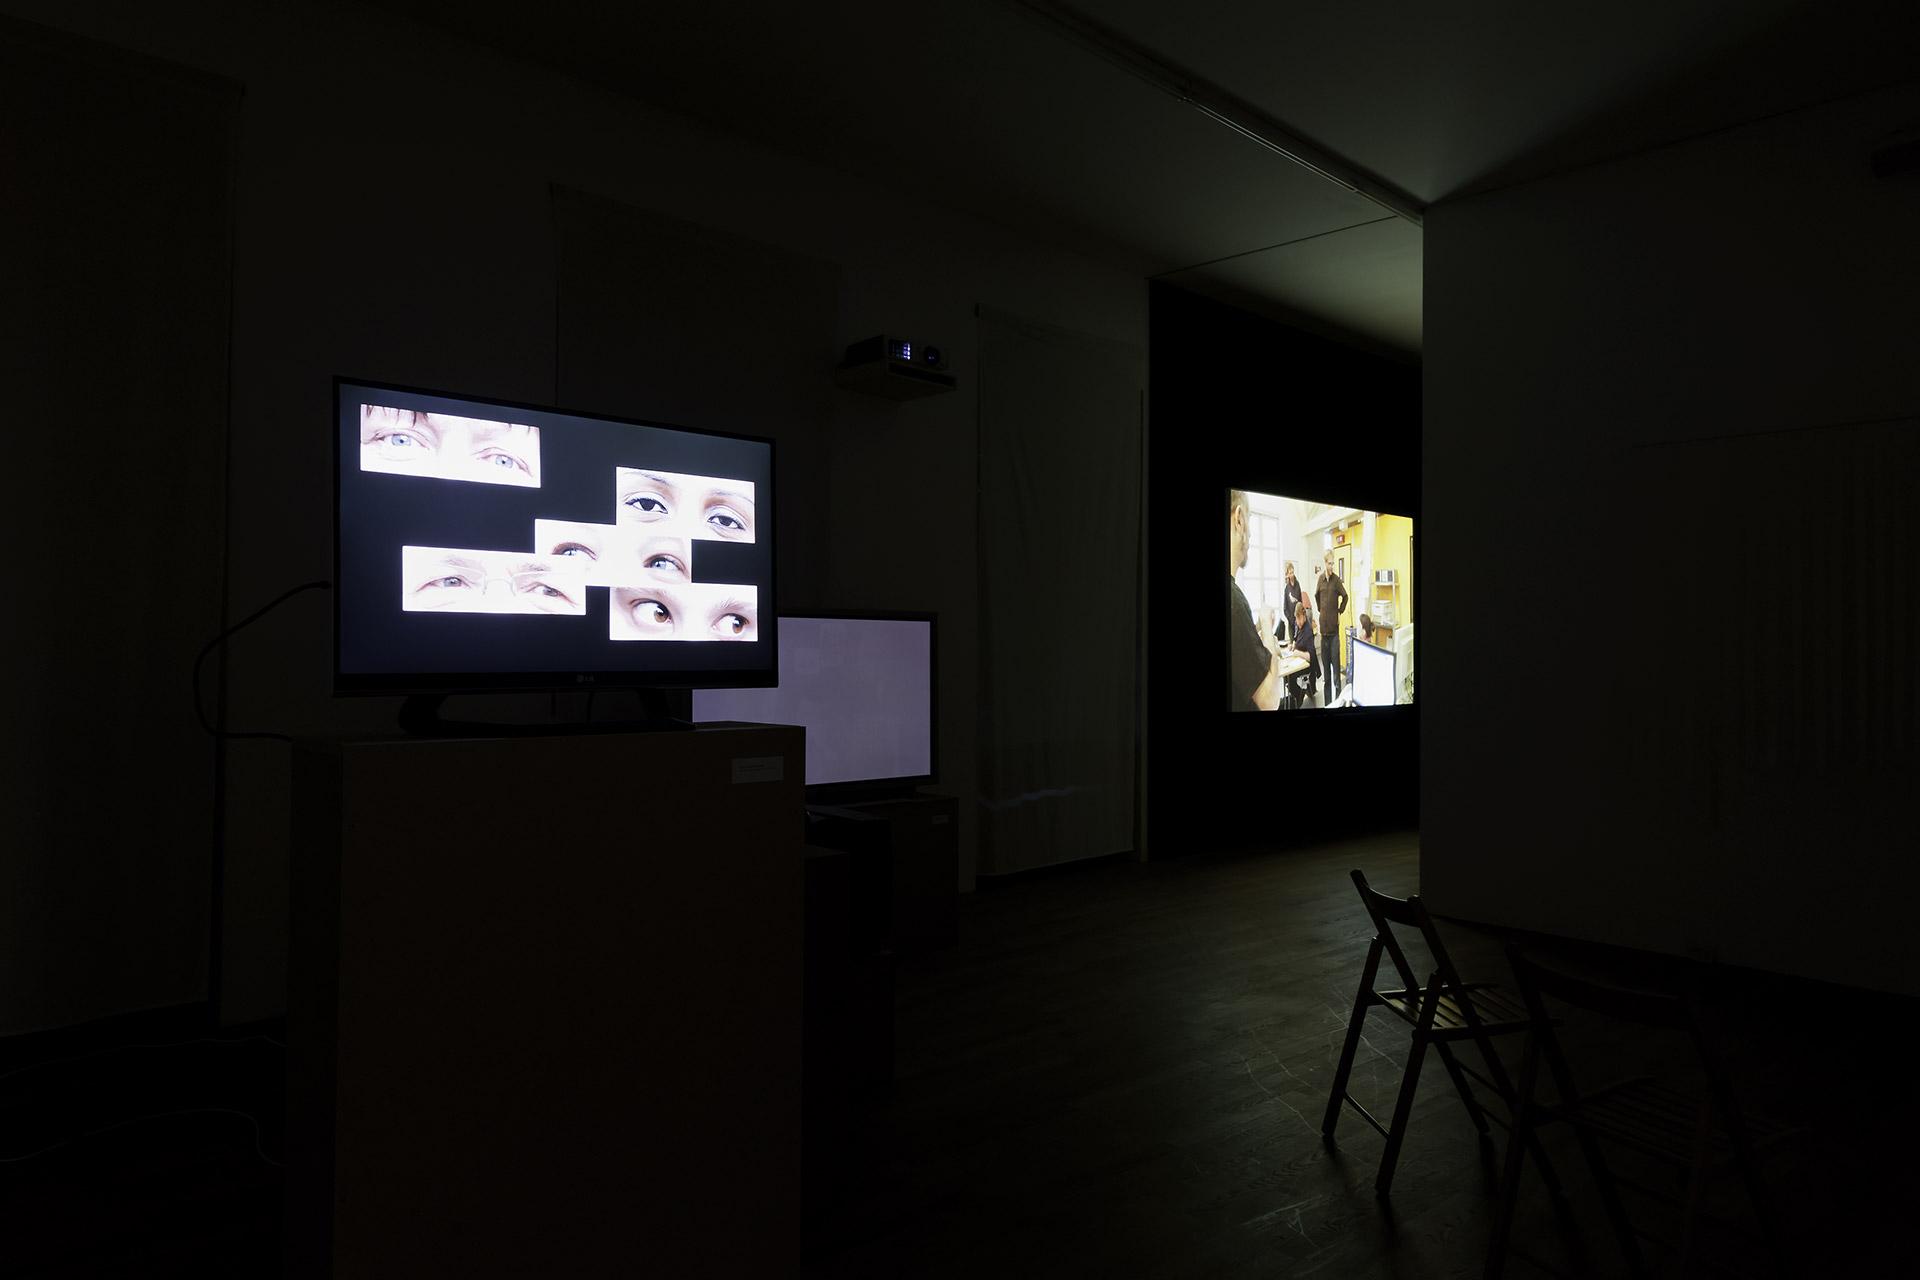 Radio-Stadtfilter-Kunsthalle-Winterthur-2012-4.jpg